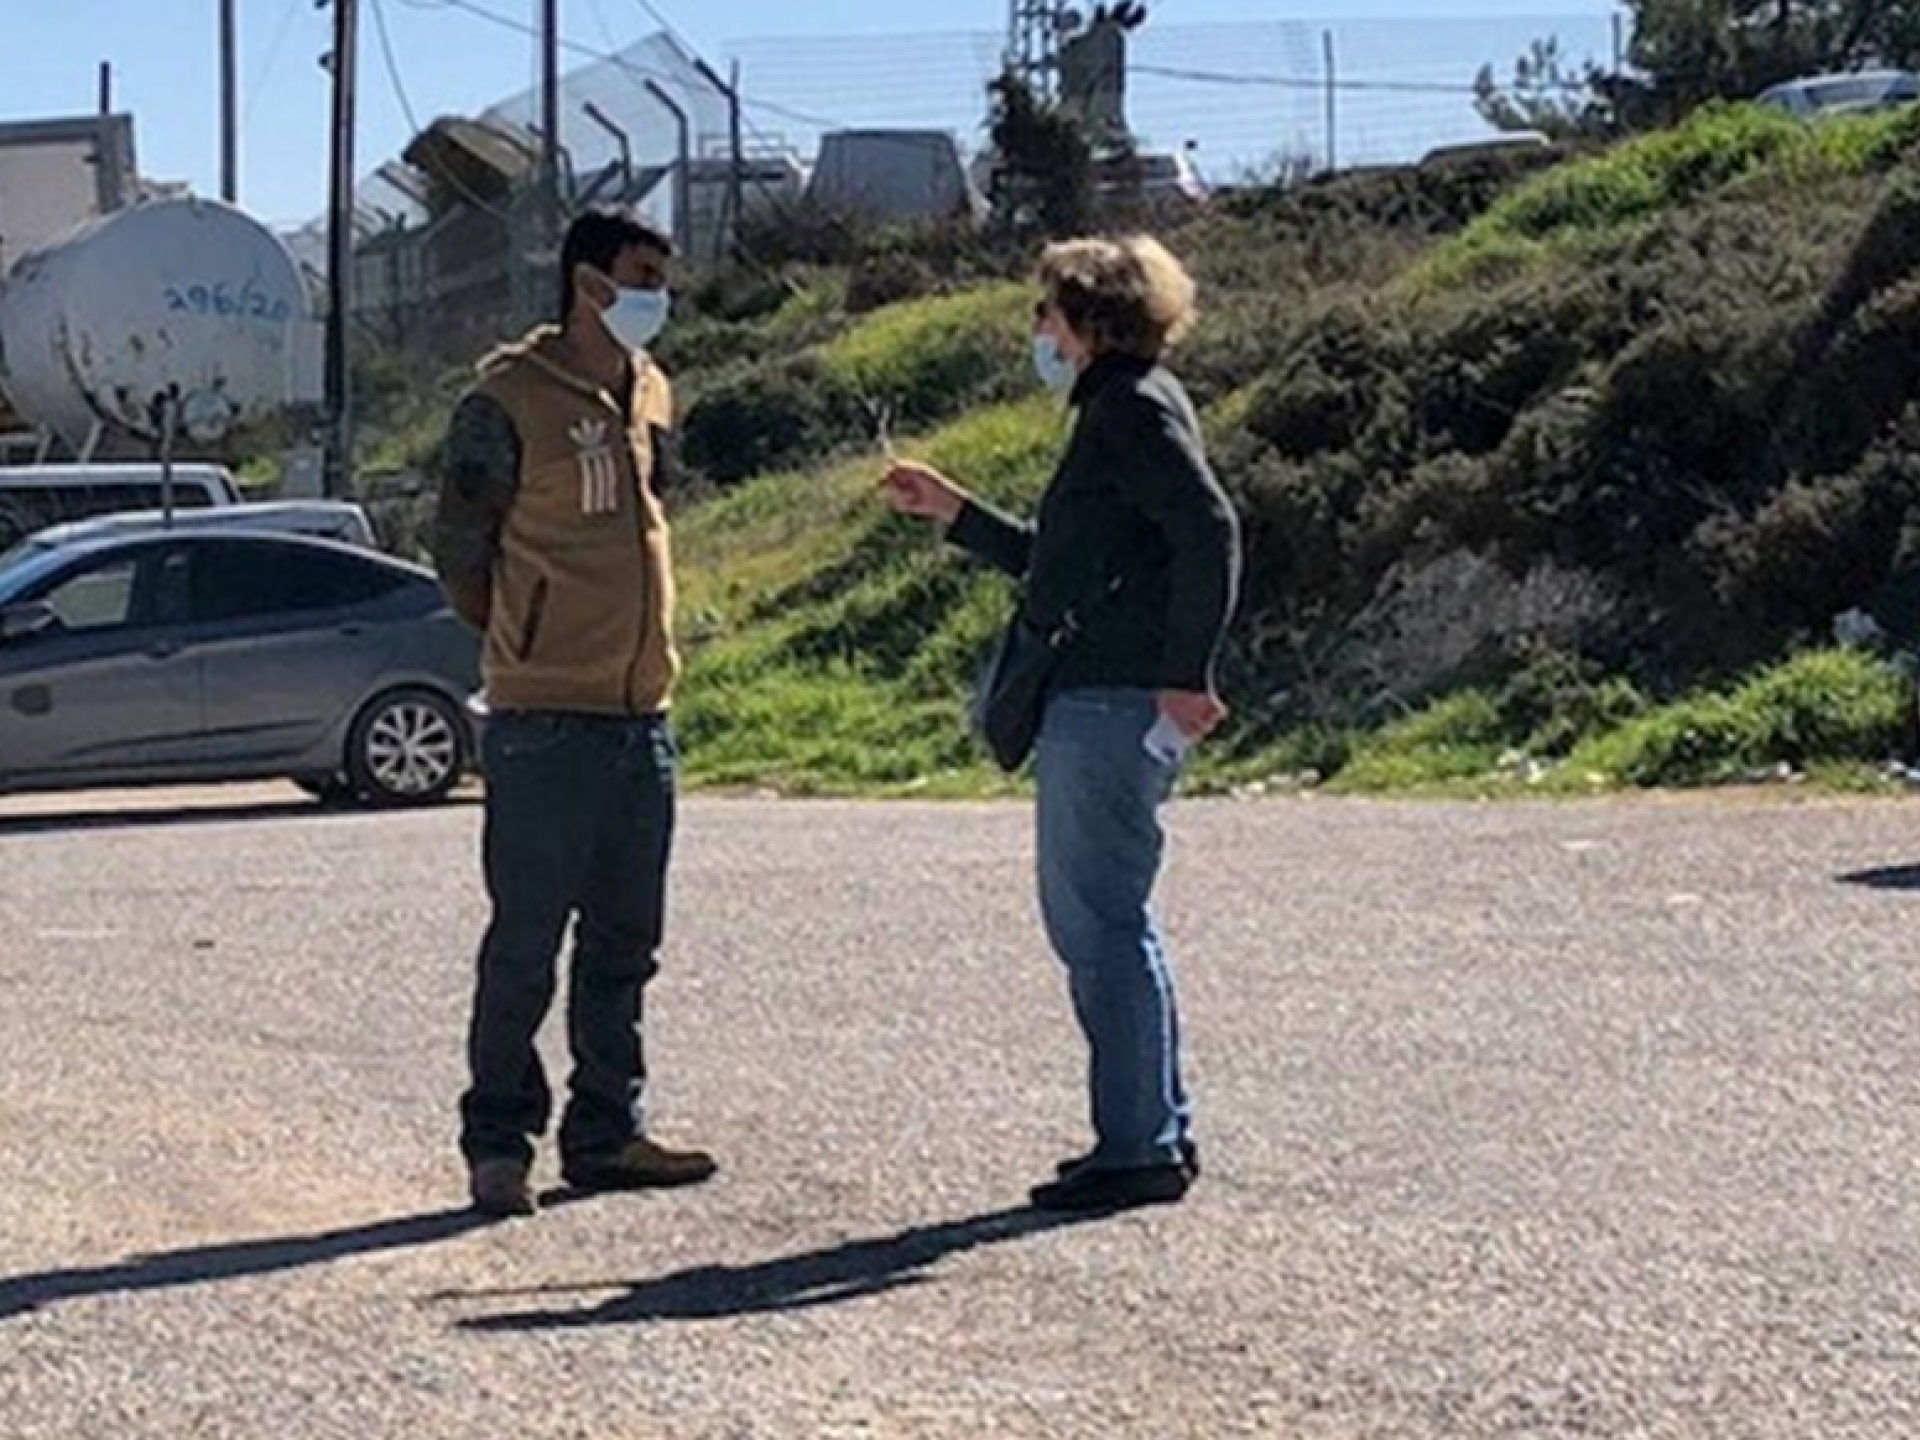 אישה משוחחת עם פלסטיני בחניון